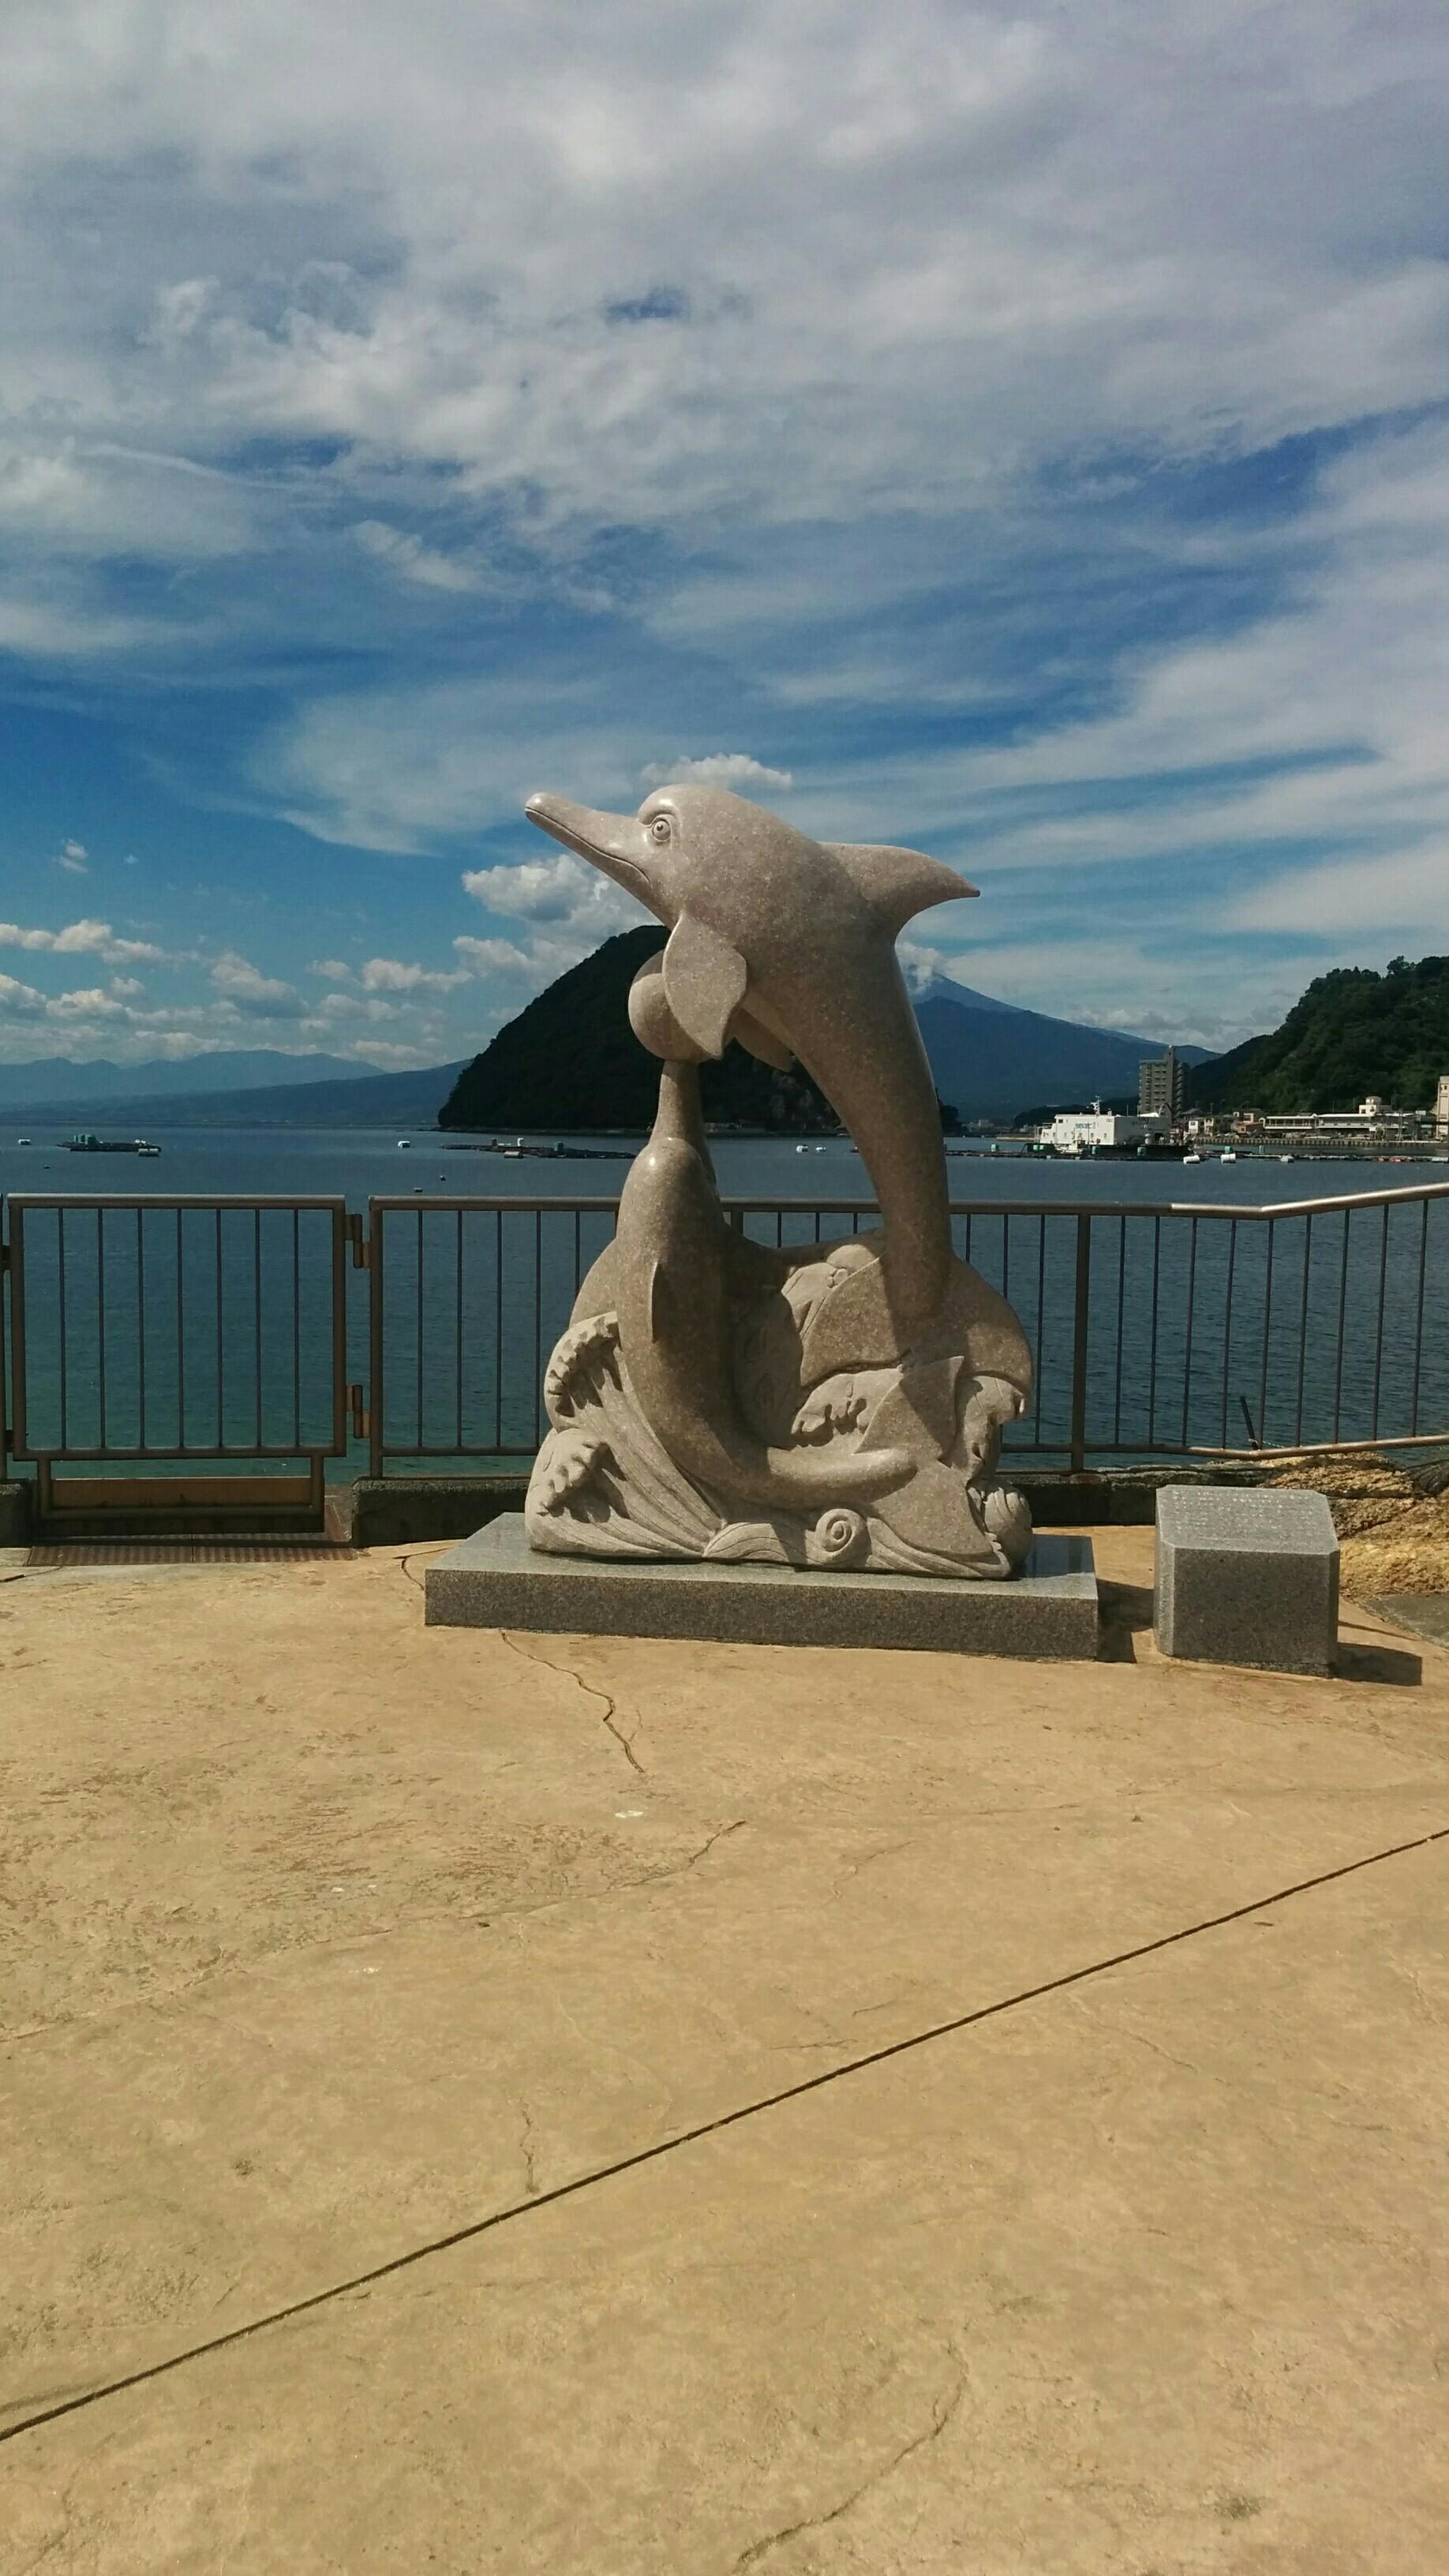 イルカ像 淡島と富士山が見えるのがgood